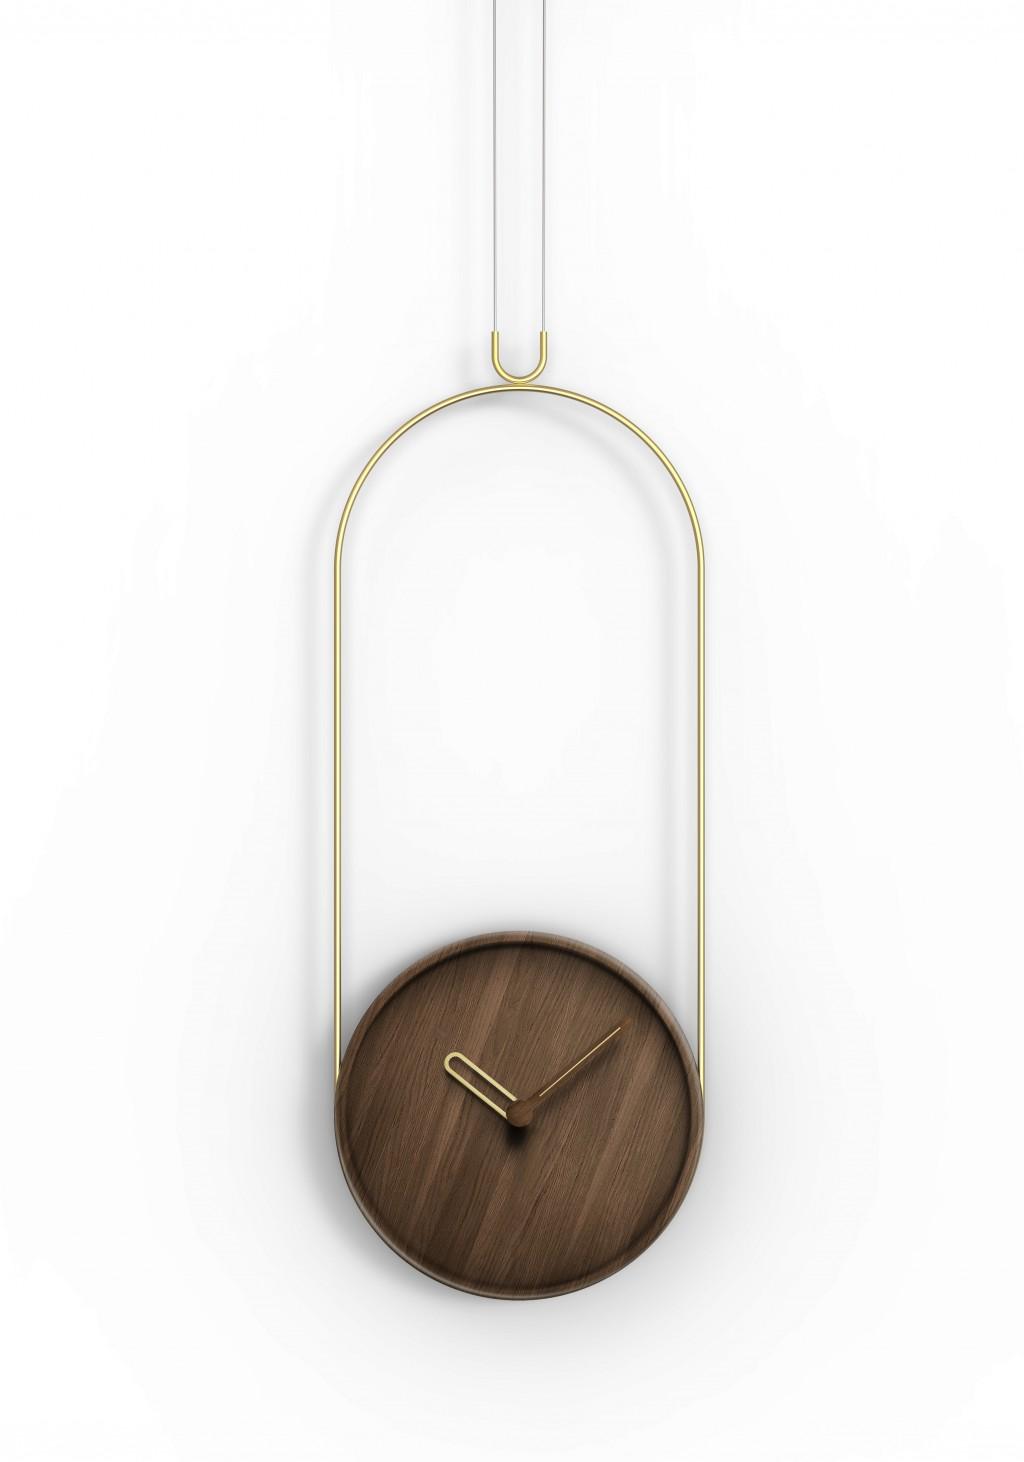 Nomon Настенный часы Colgante от испанского бренда Nomon